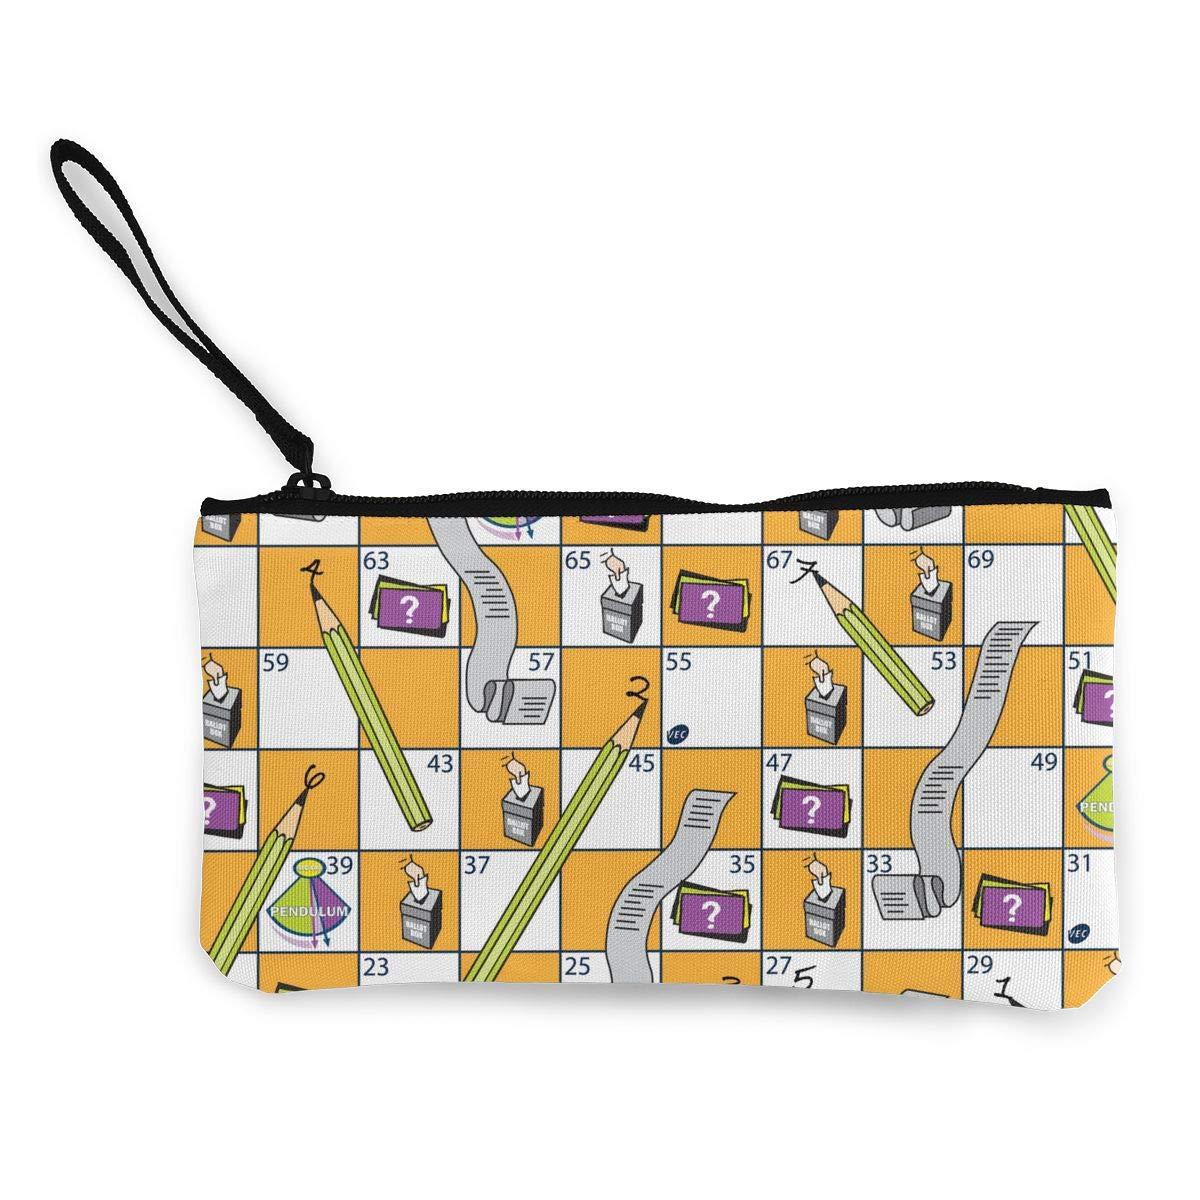 小銭入れ 小さい キュート 亀 レディース ジッパー キャンバス 財布 変更 カスタマイズバッグ 4.5